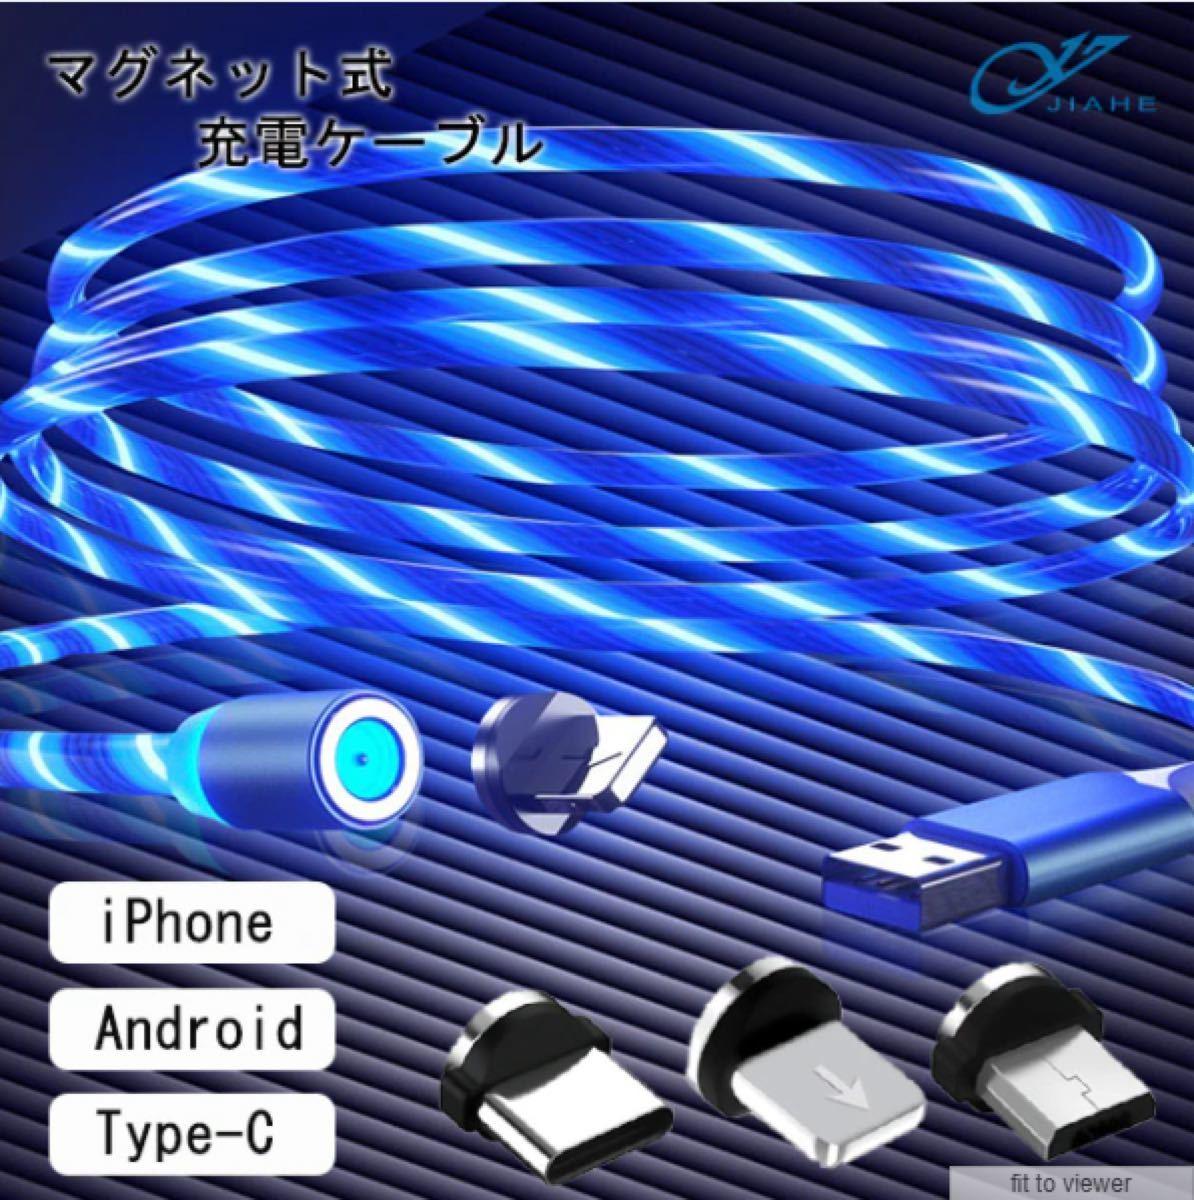 LED マグネット充電ケーブル 1M iPhone Android TYPE-C 急速充電 磁石式 ケーブル アイフォンケーブル